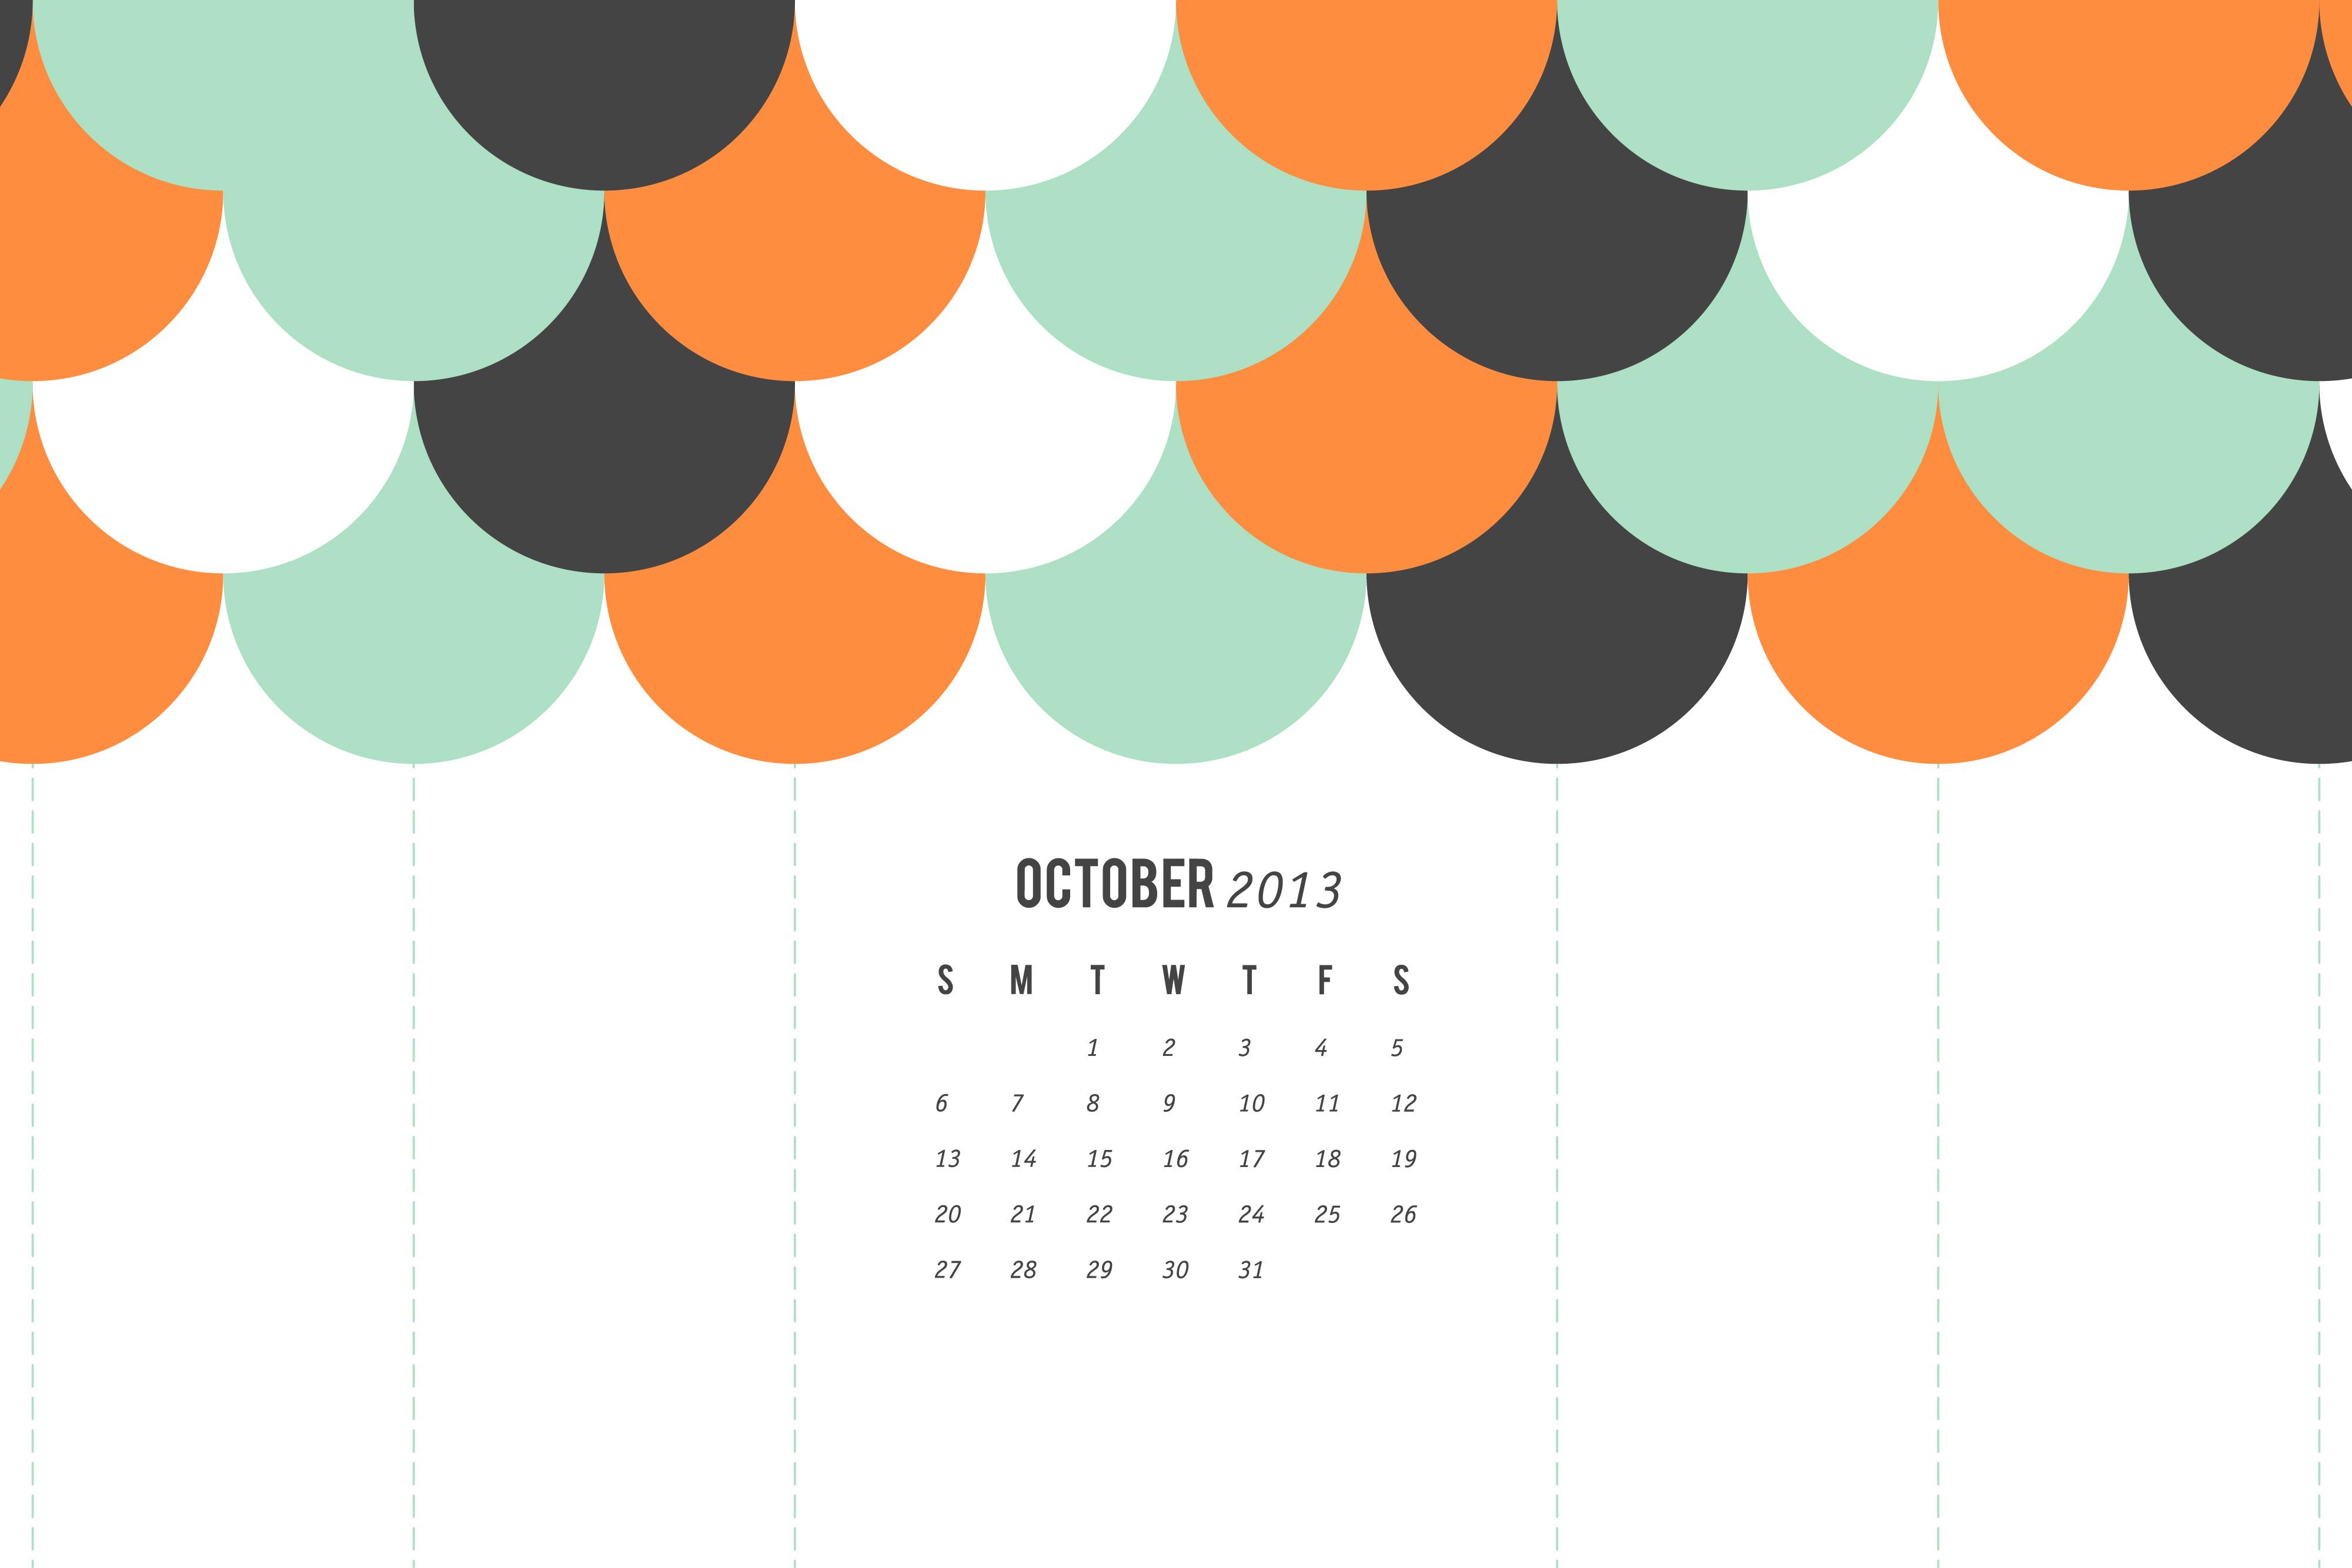 oct 2013 calendar desktop wallpaper - photo #20